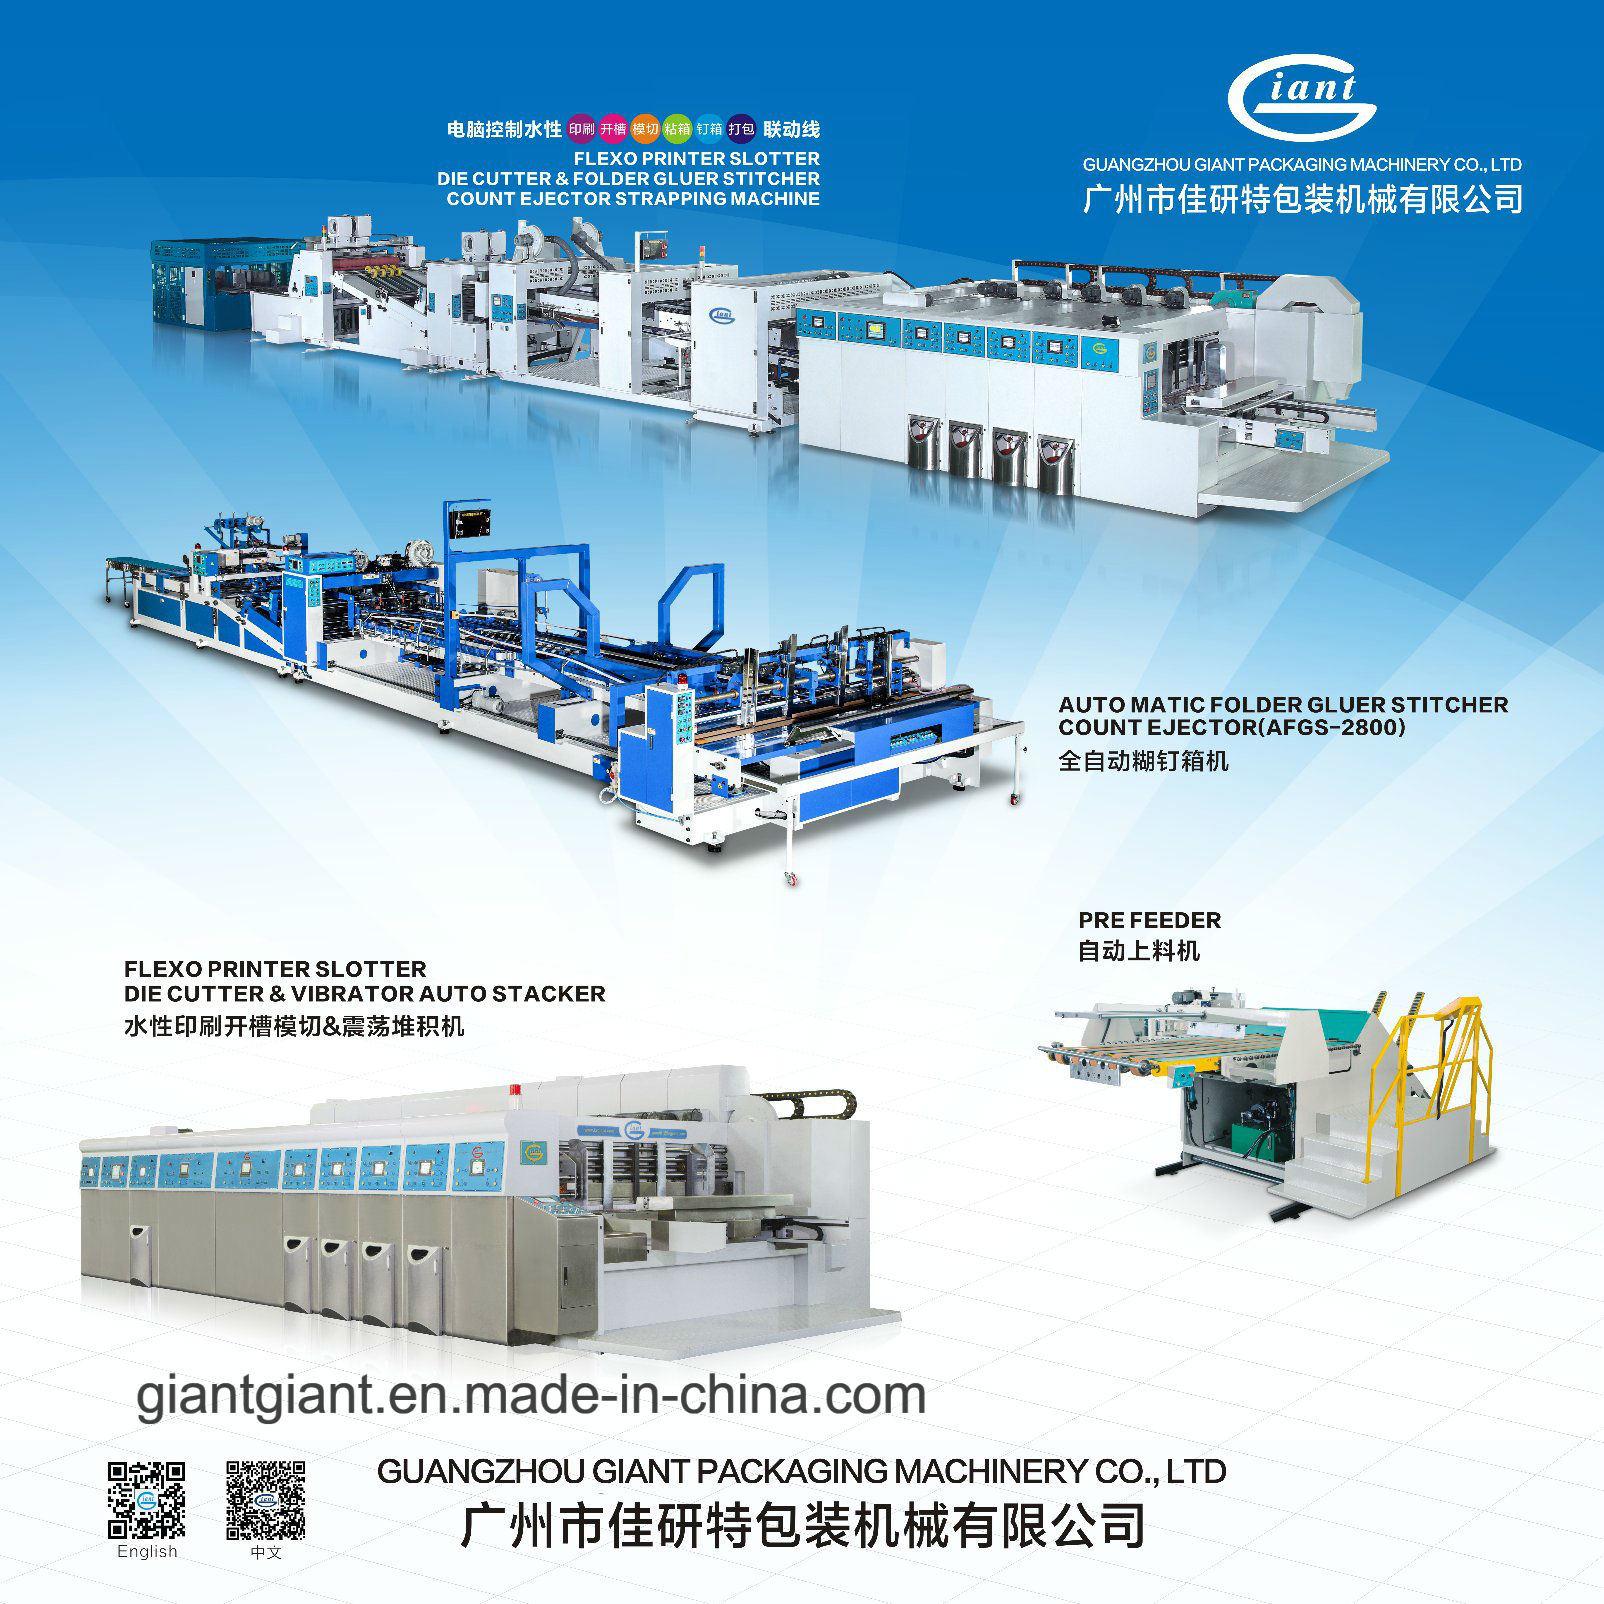 Carton Machine-Flexo Printer Slotter Die Cutter&Folder Gluer Stitcher